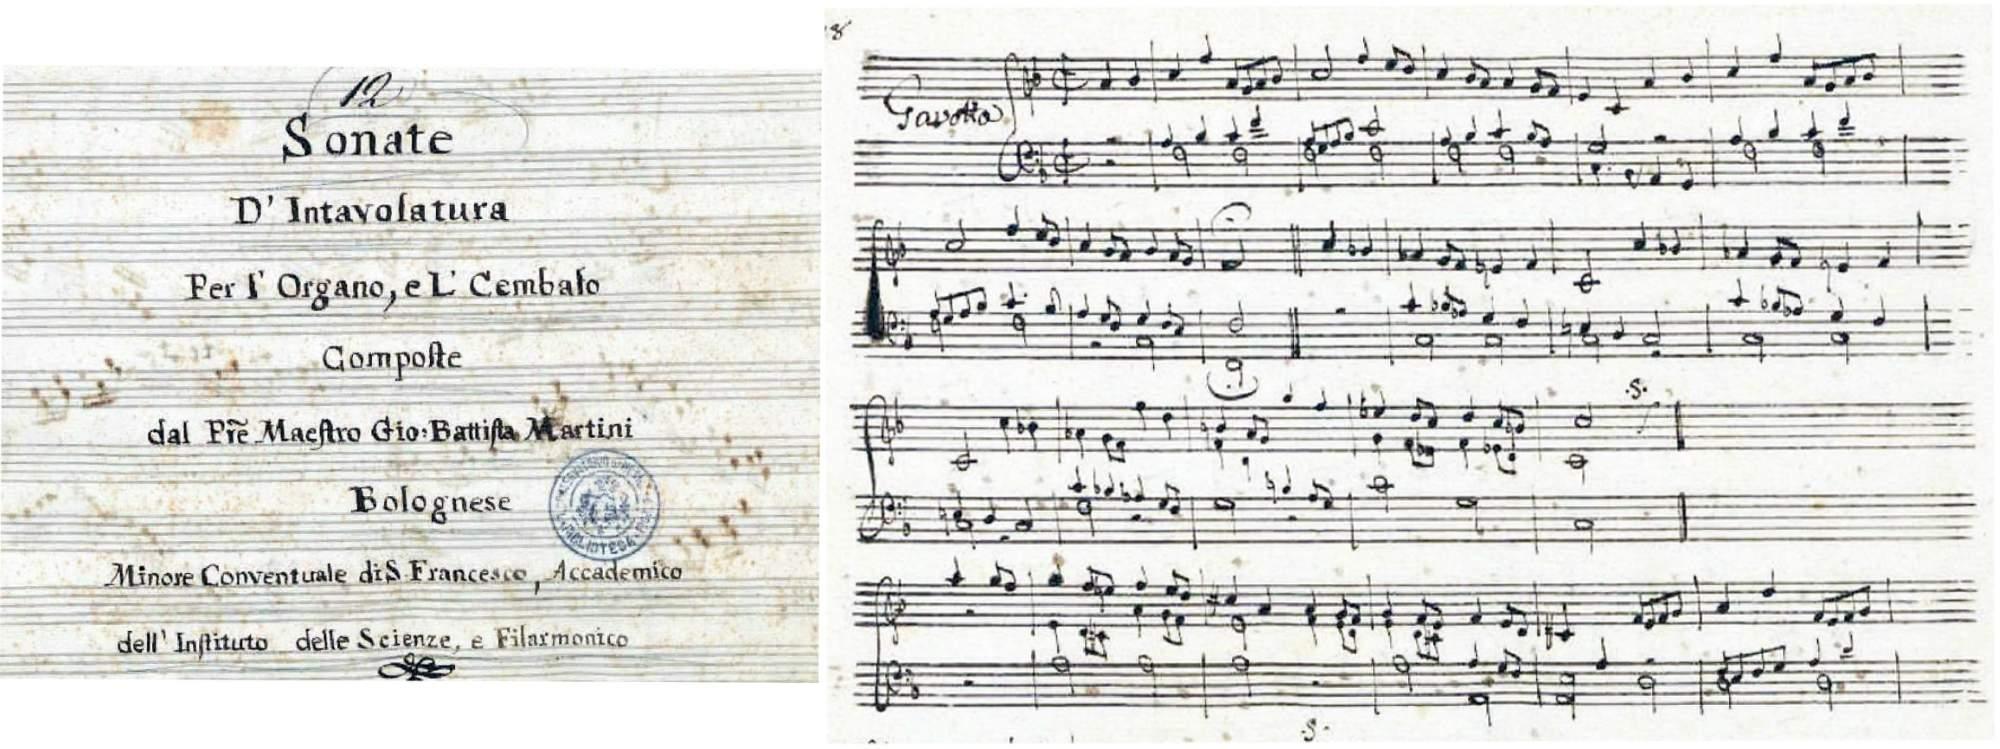 Martini, Giovanni Battista: Celebre Gavotta. Organ transcription by A. Guilmant (1837-1911)